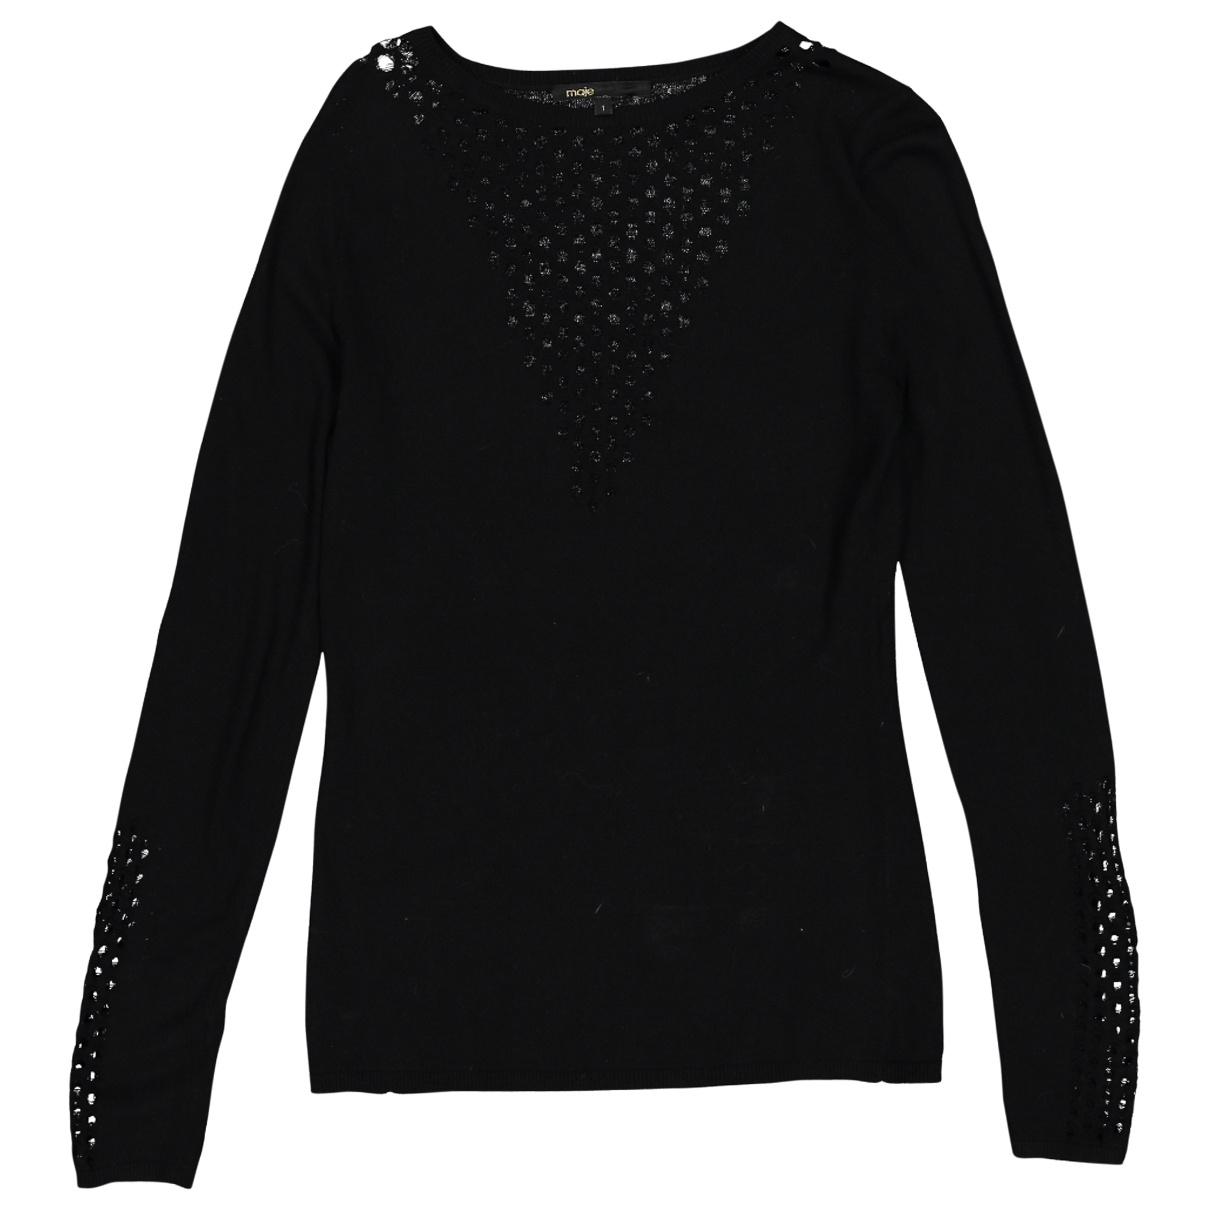 Maje \N Black Knitwear for Women 1 0-5